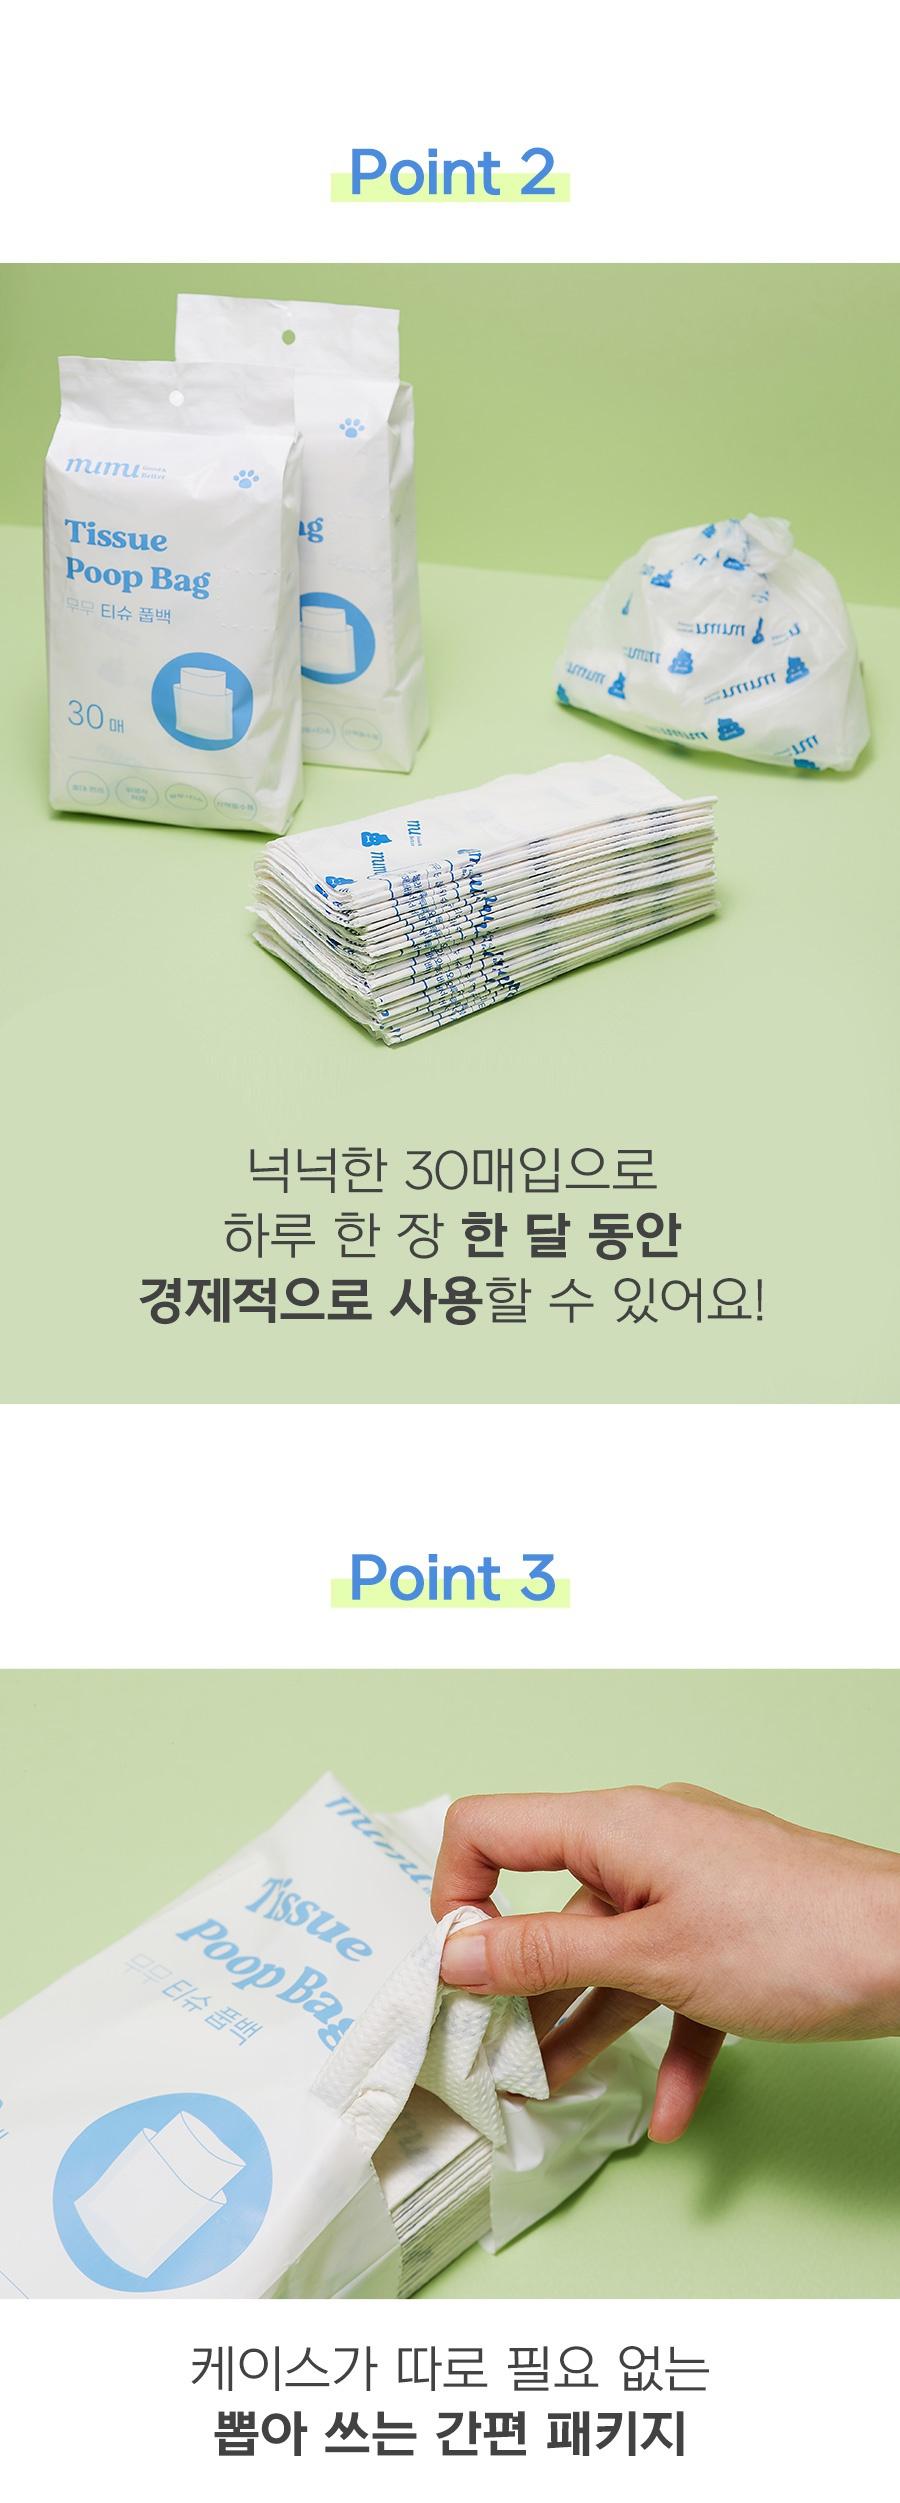 (미운영) [EVENT] 무무 티슈 풉백(30매)-상품이미지-4